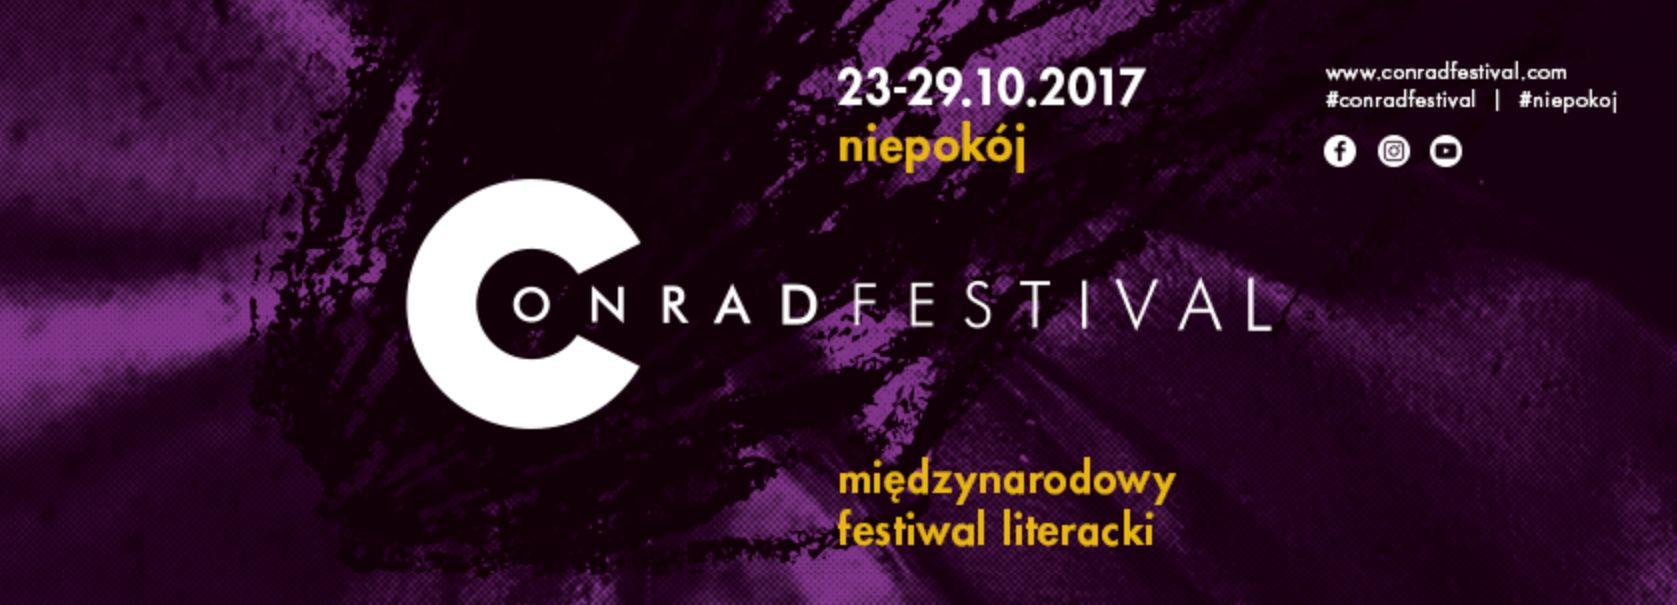 Festiwal Conrada (źródło: materiały prasowe organizatora)